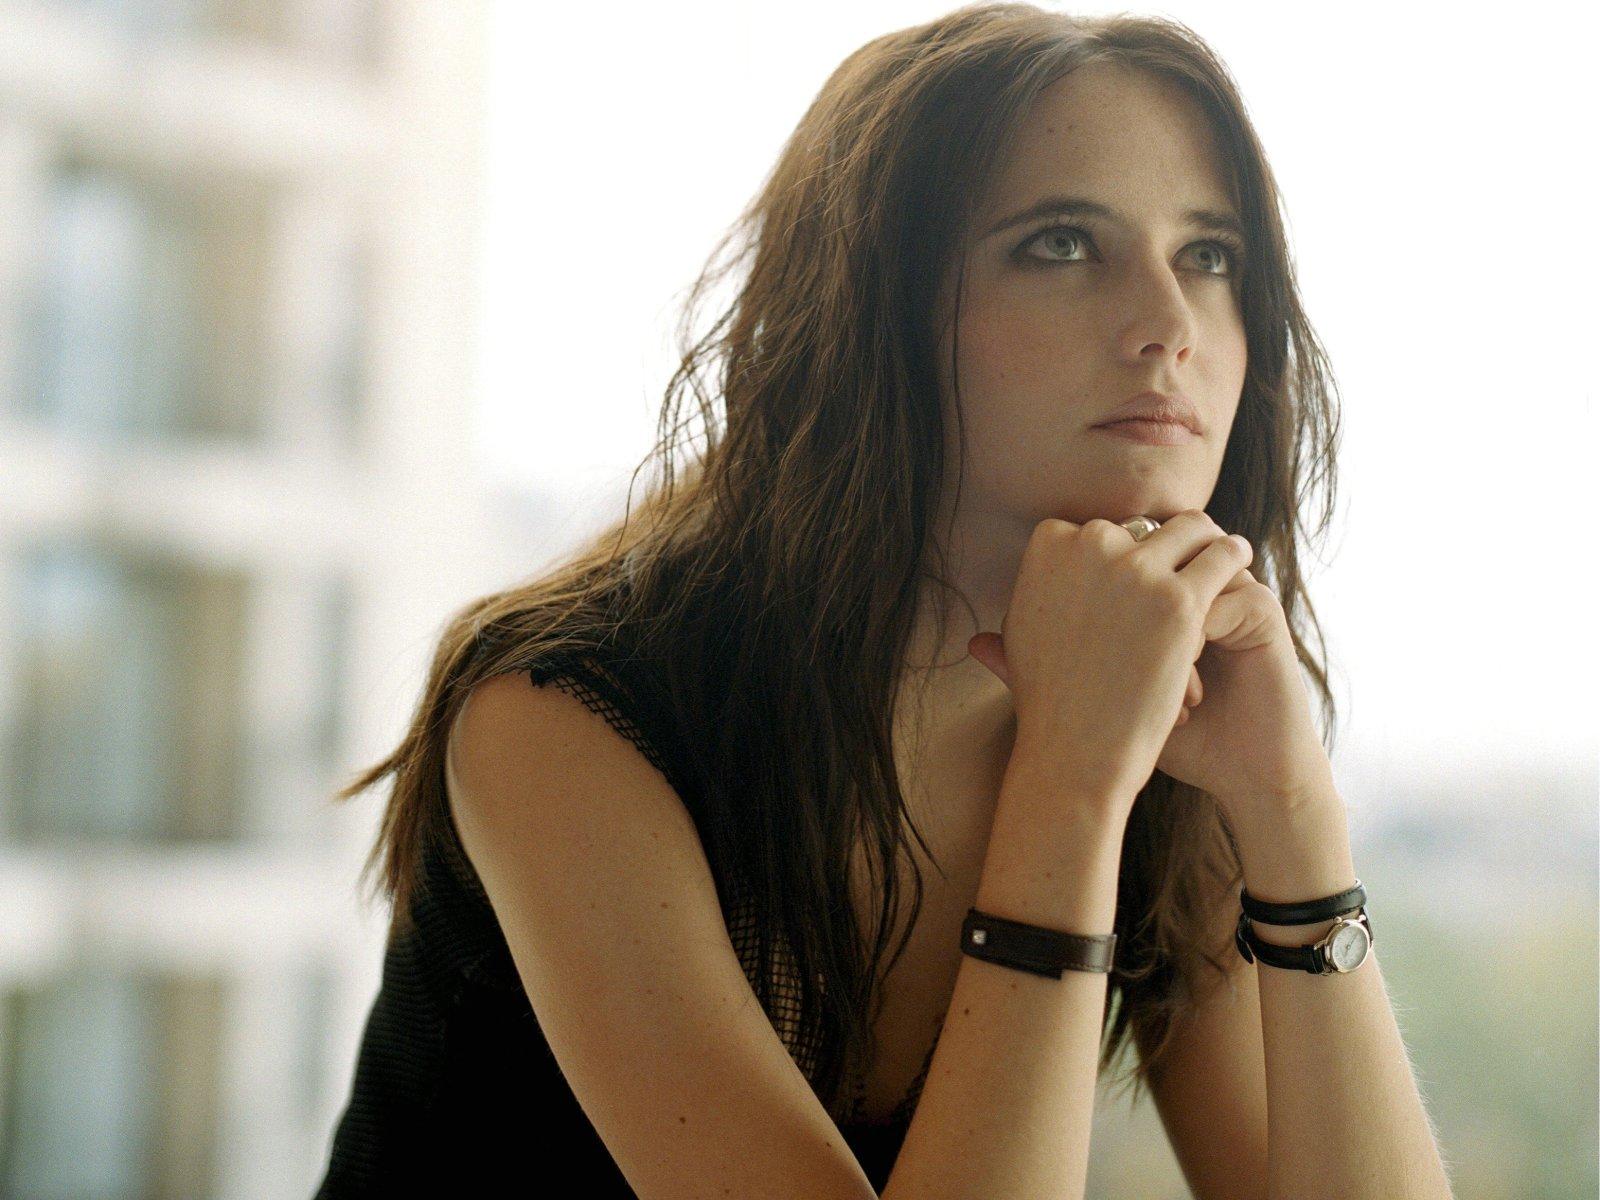 http://3.bp.blogspot.com/-Ya-21cOS8ME/TqsZU-u-NhI/AAAAAAAAEDM/T8sq3oQL0tc/s1600/66777_eva-grin_or_eva-green_1600x1200_%2528www.GdeFon.ru%2529.jpg